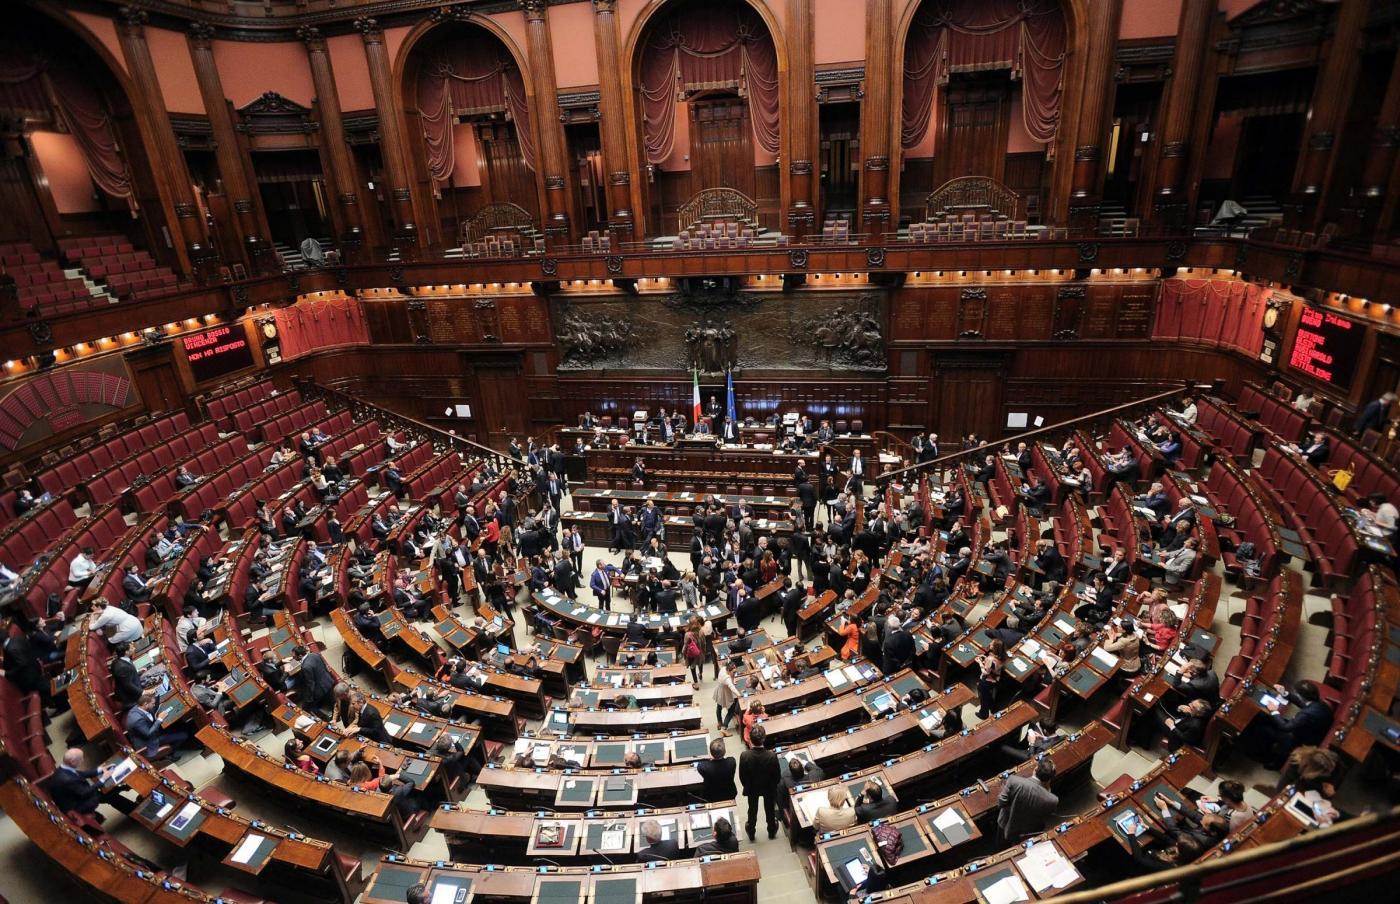 Legge elettorale di maio perdono tempo per pensionellum for Composizione del parlamento italiano oggi